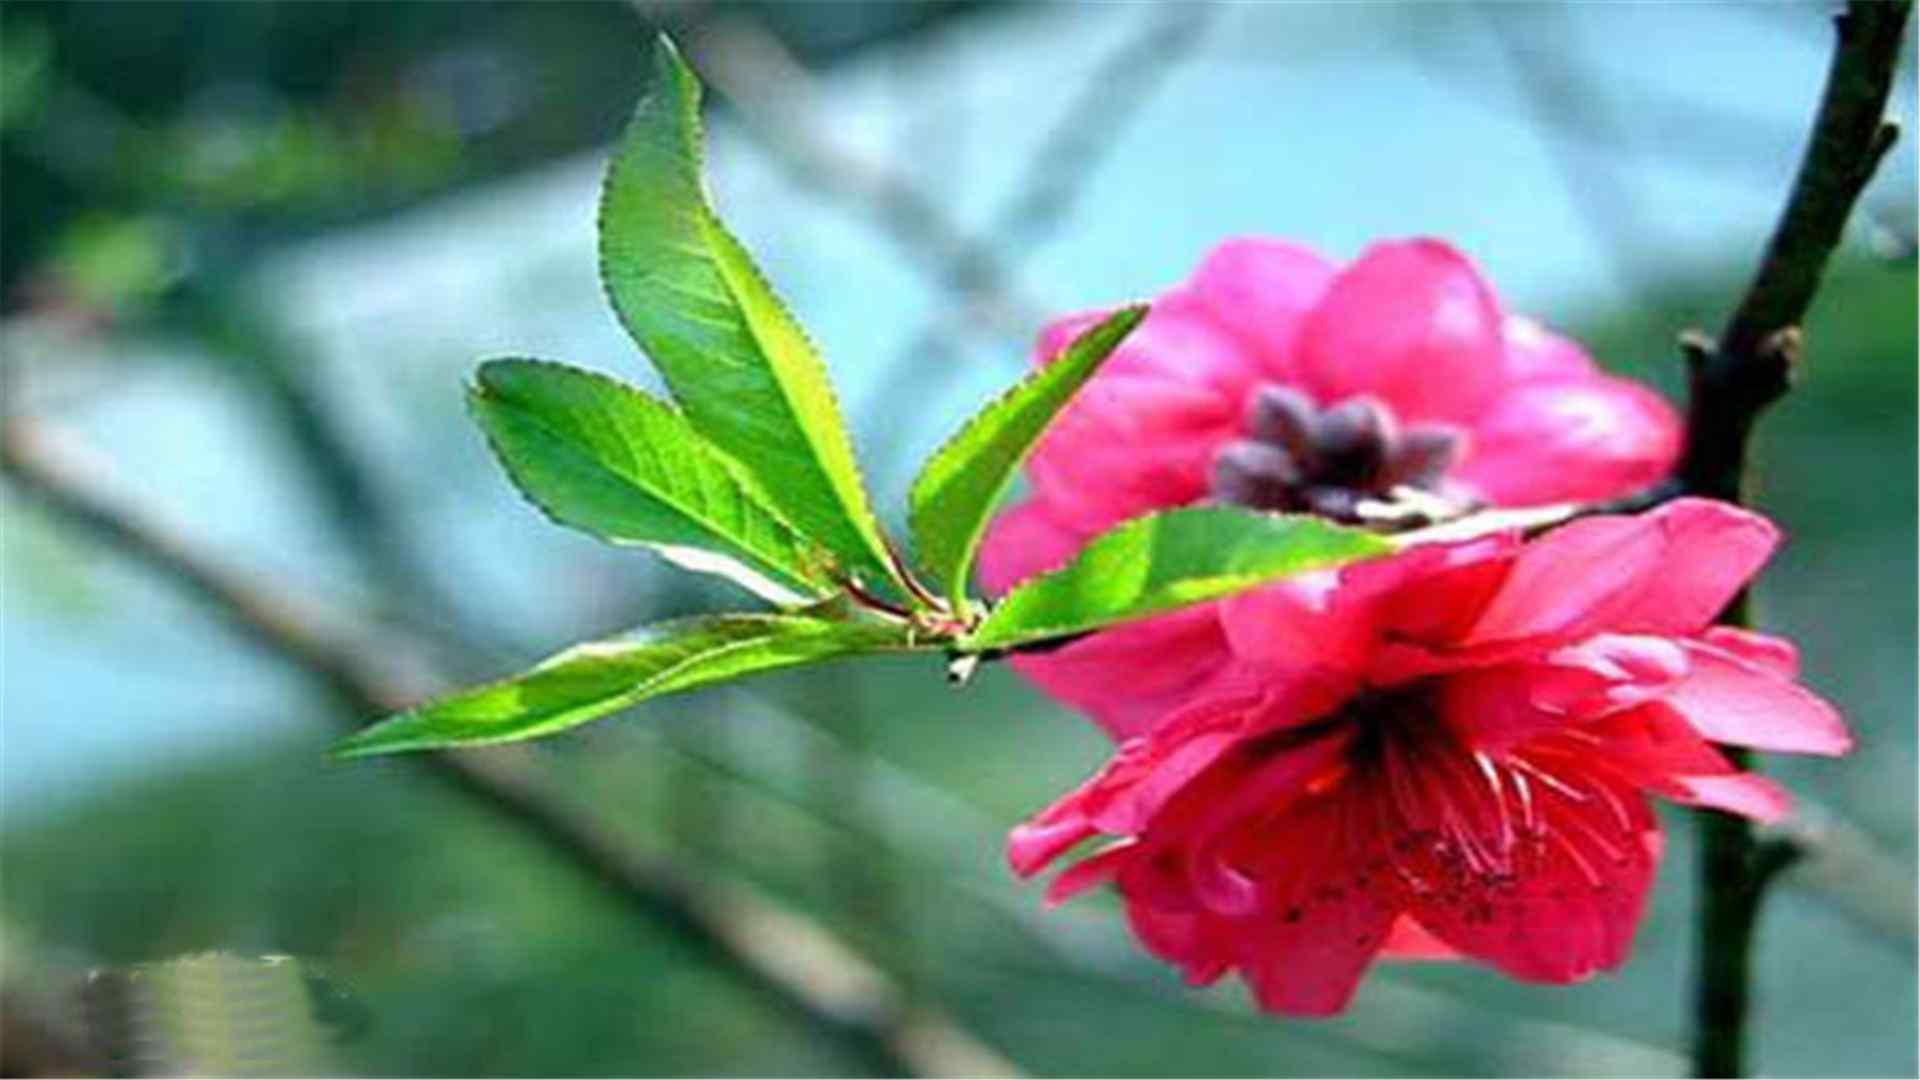 桃花品种绯桃桌面壁纸